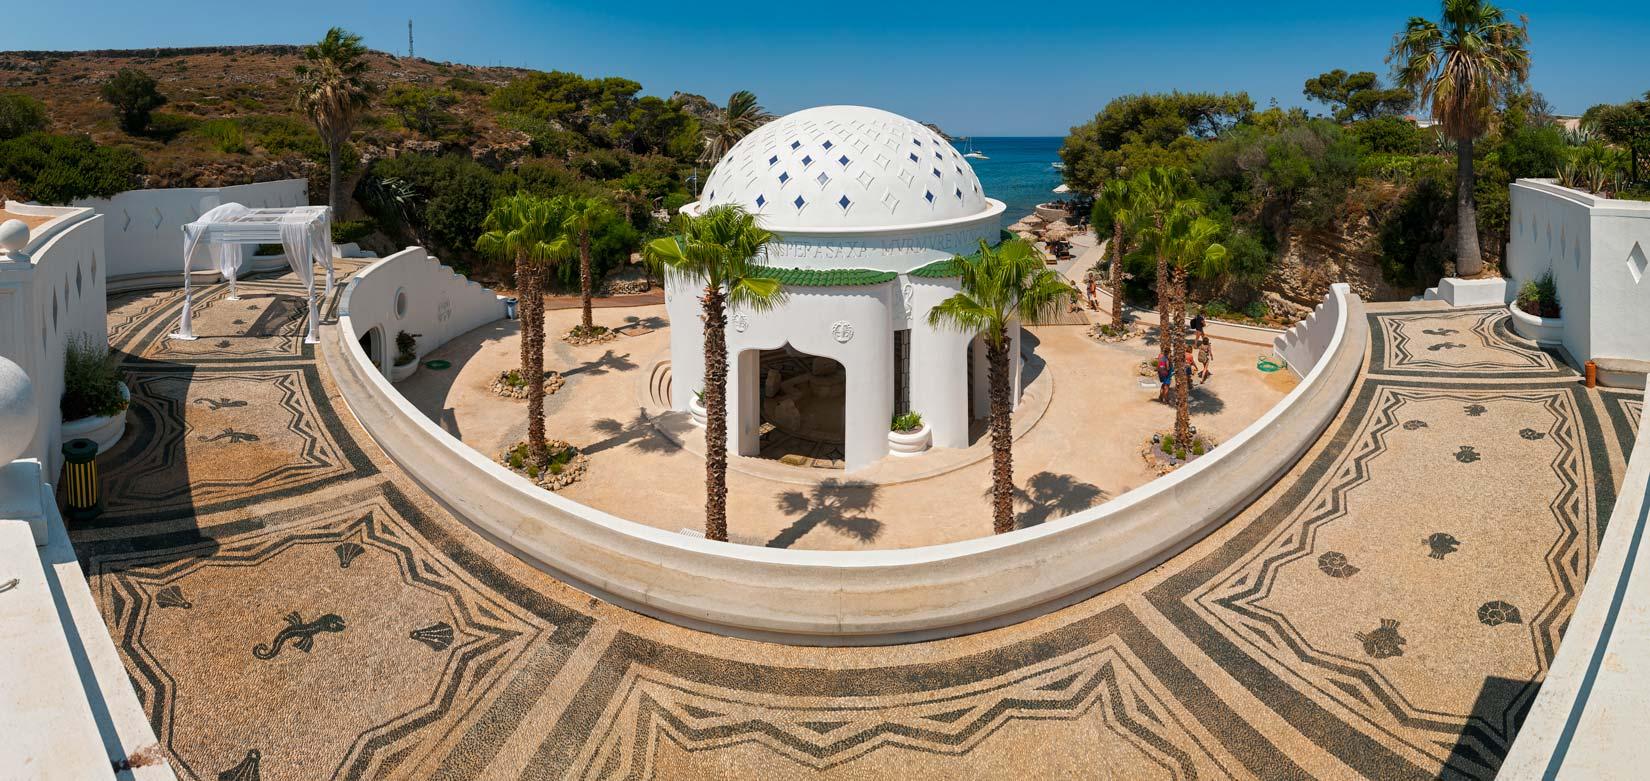 Kalithea Springs - pseudoantické lázně zrenovované počátkem 20. století pod taktovkou italských architektů mají s řeckou antikou pramálo společného